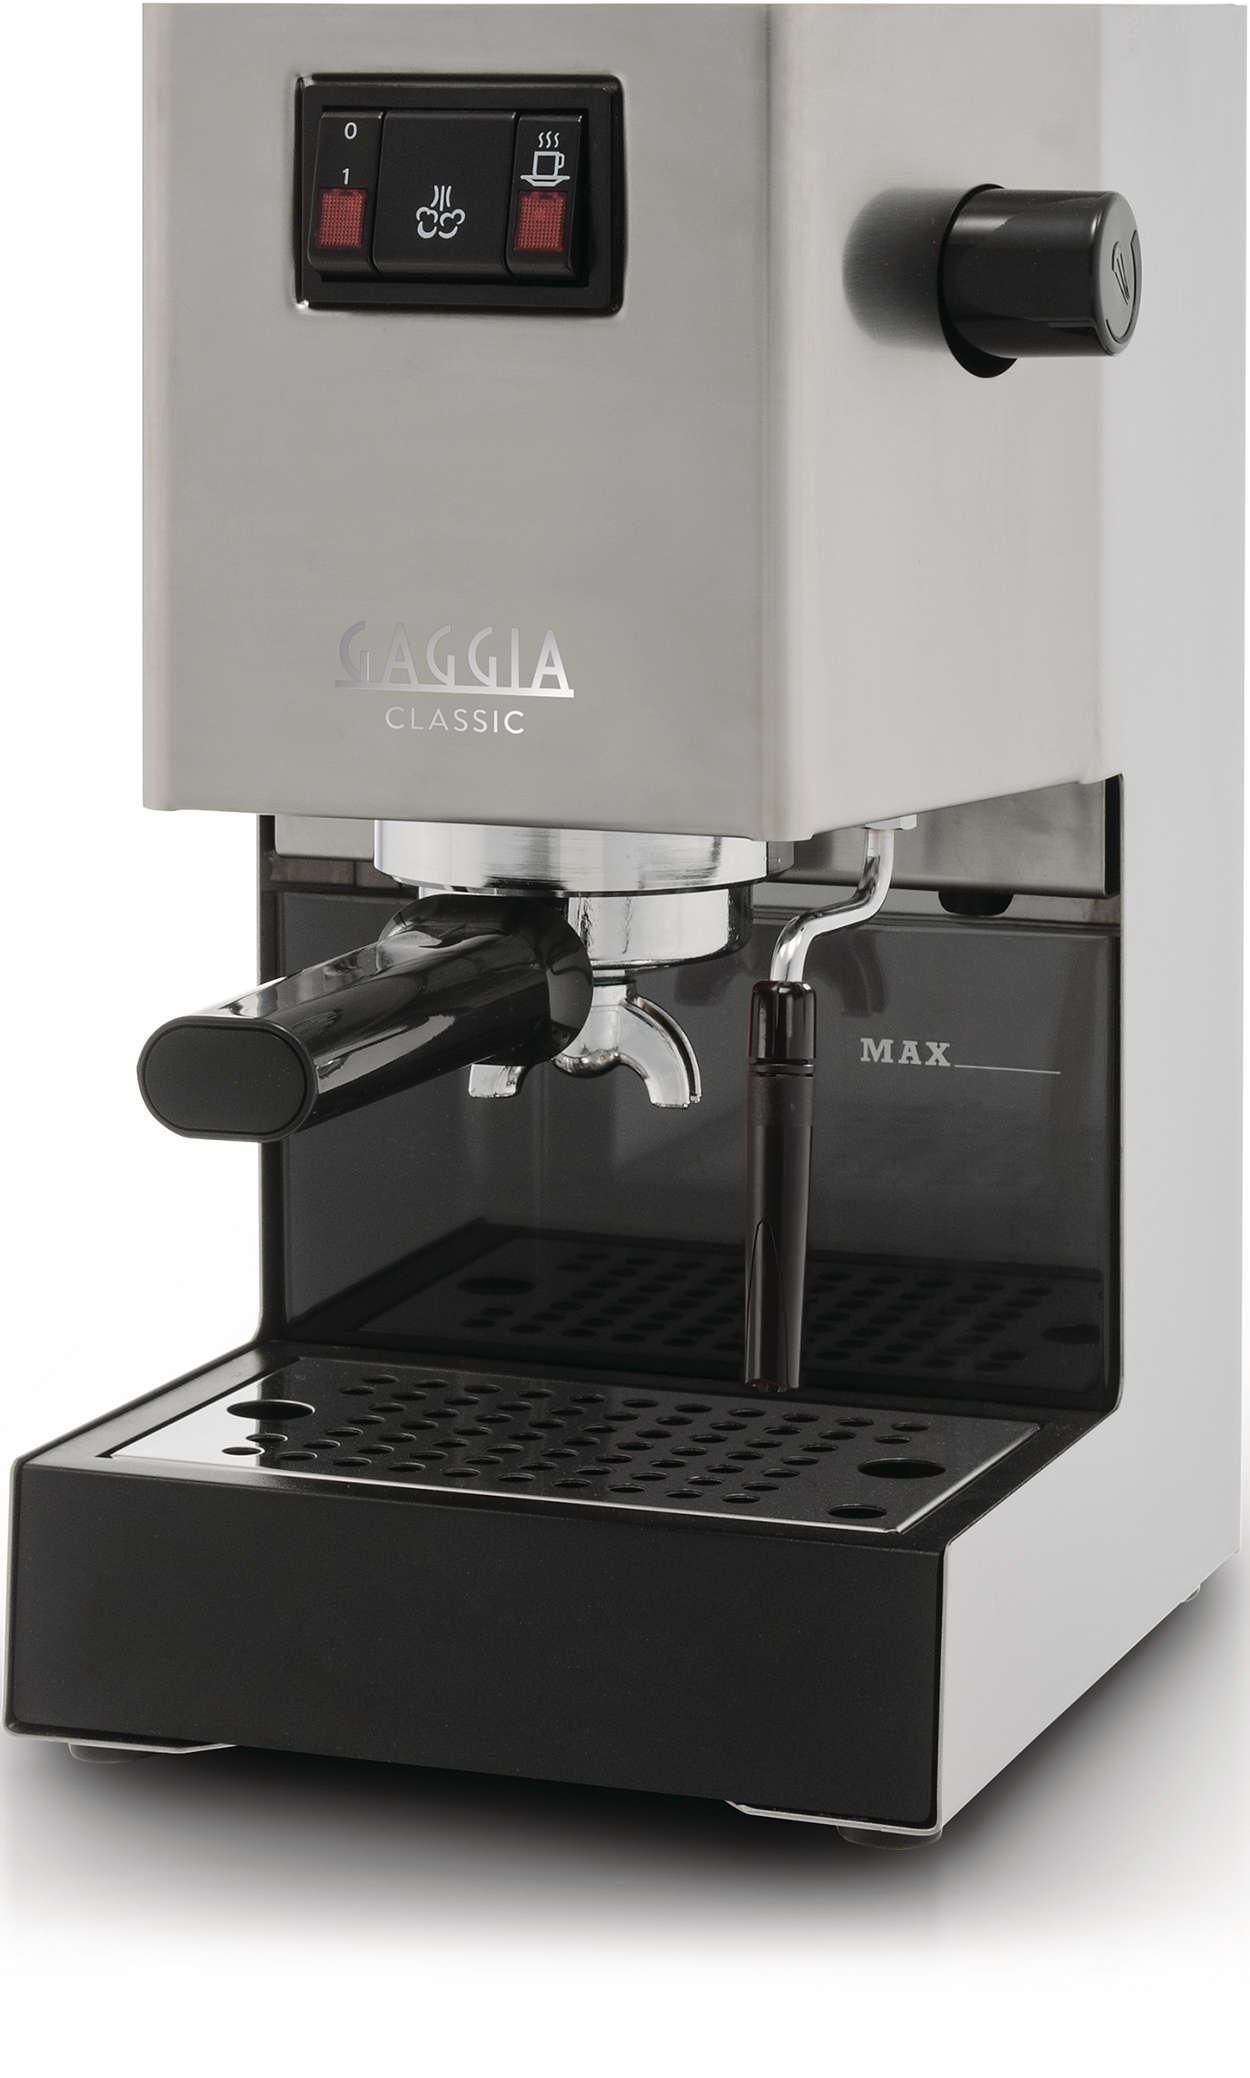 Autentico espresso italiano